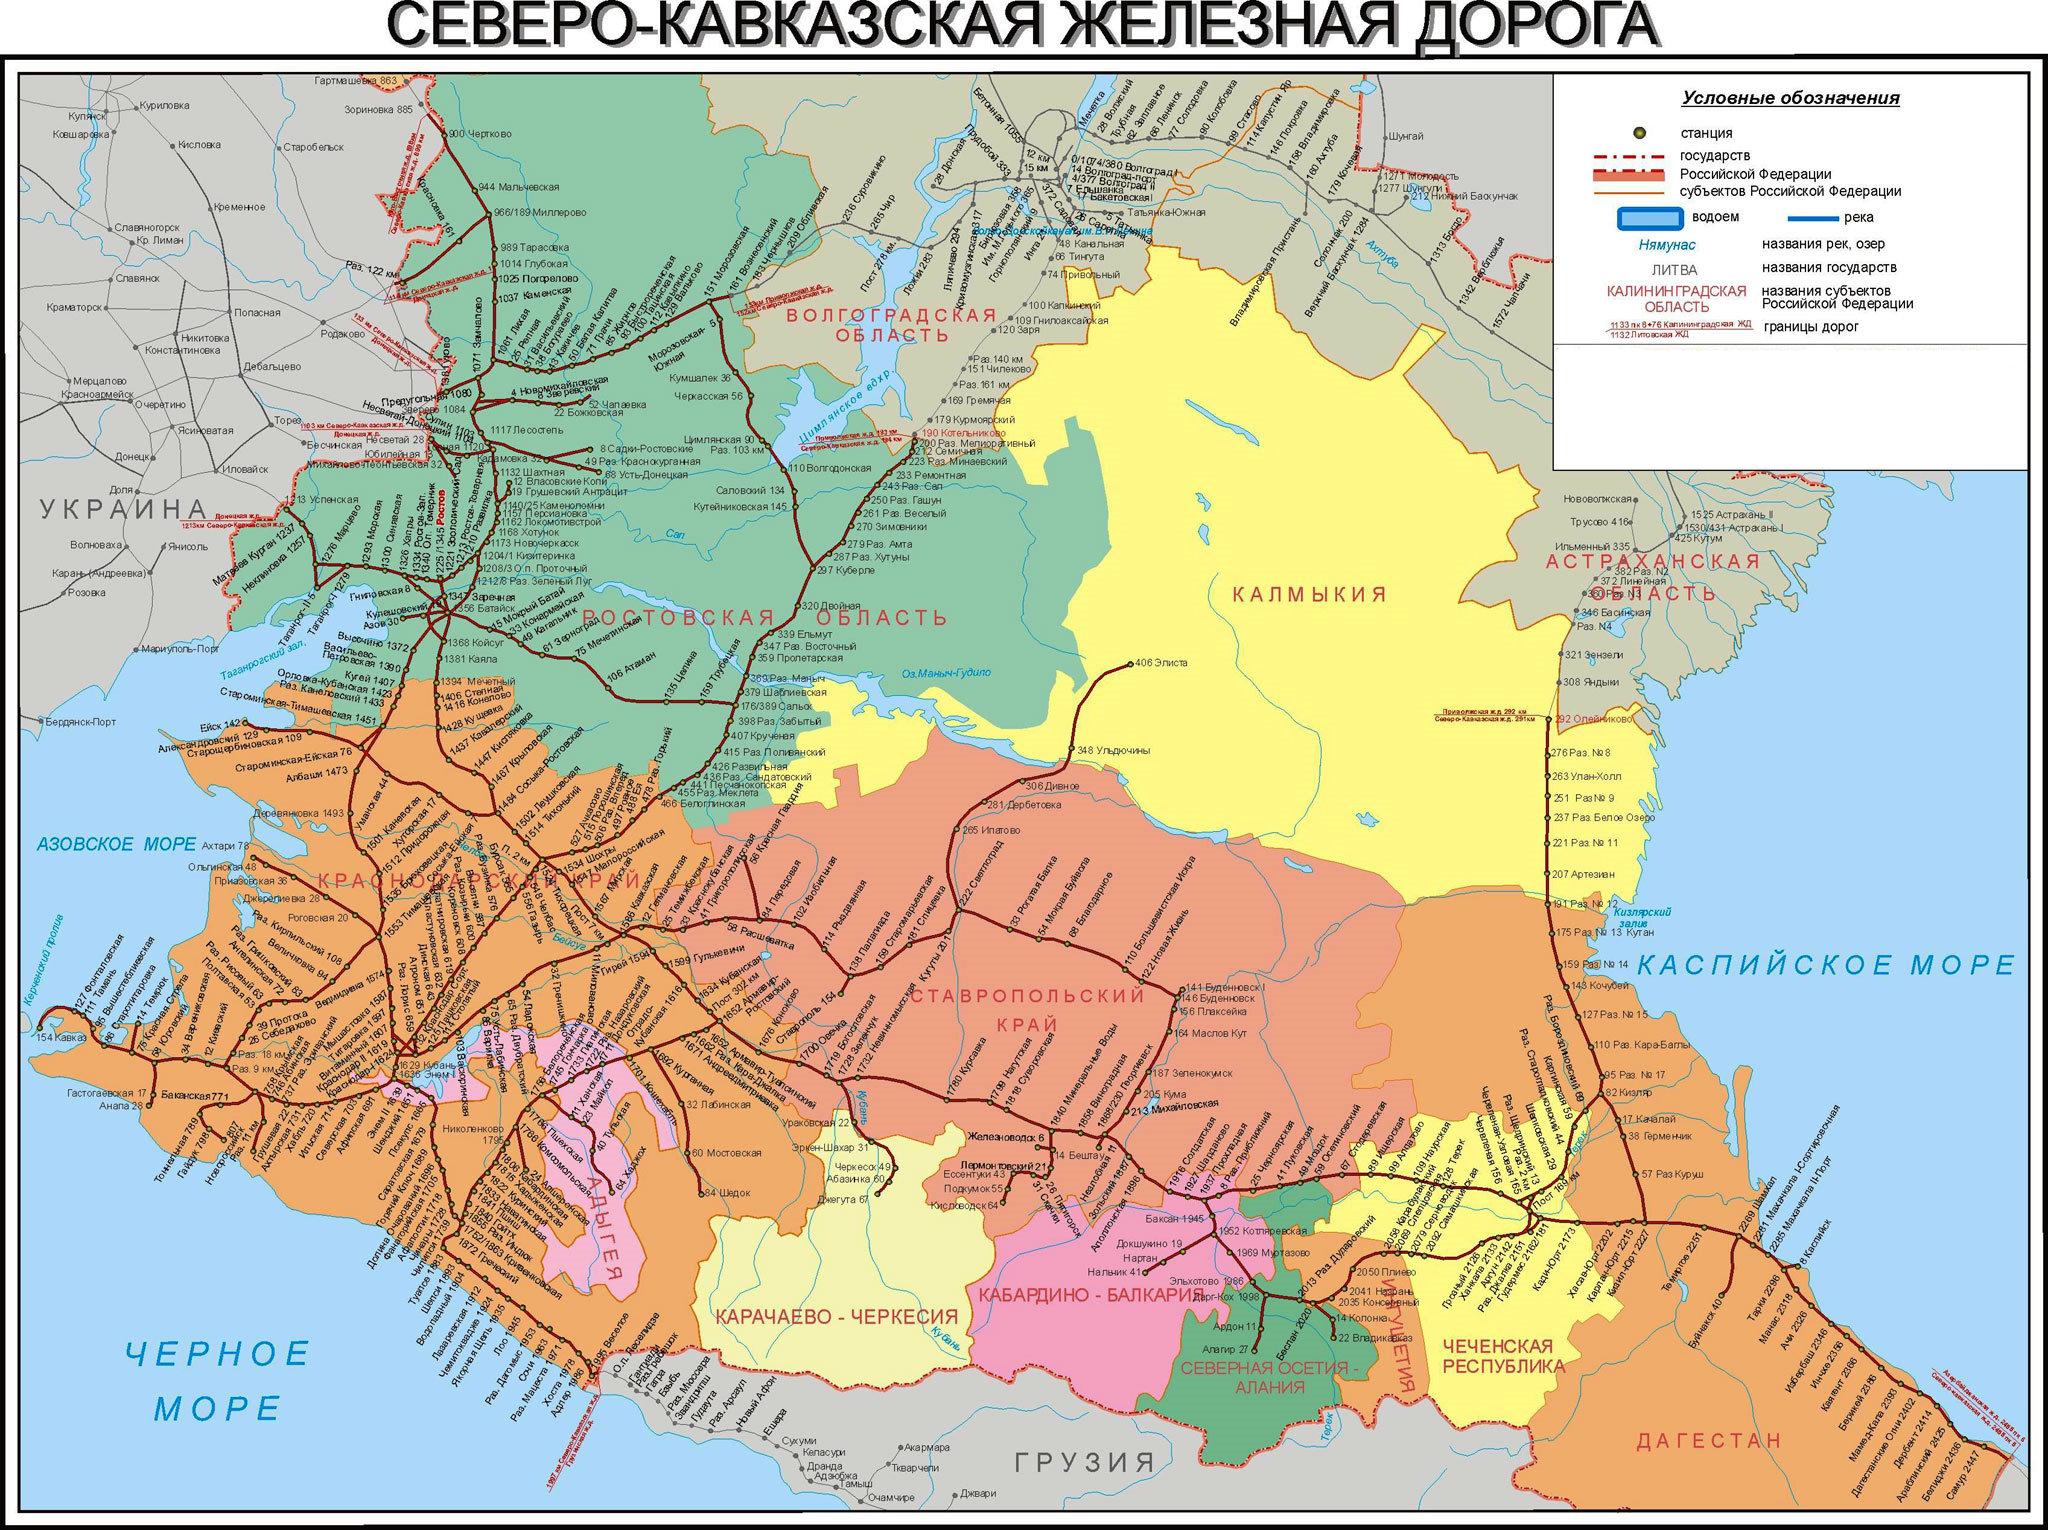 Карта карта краснодарского